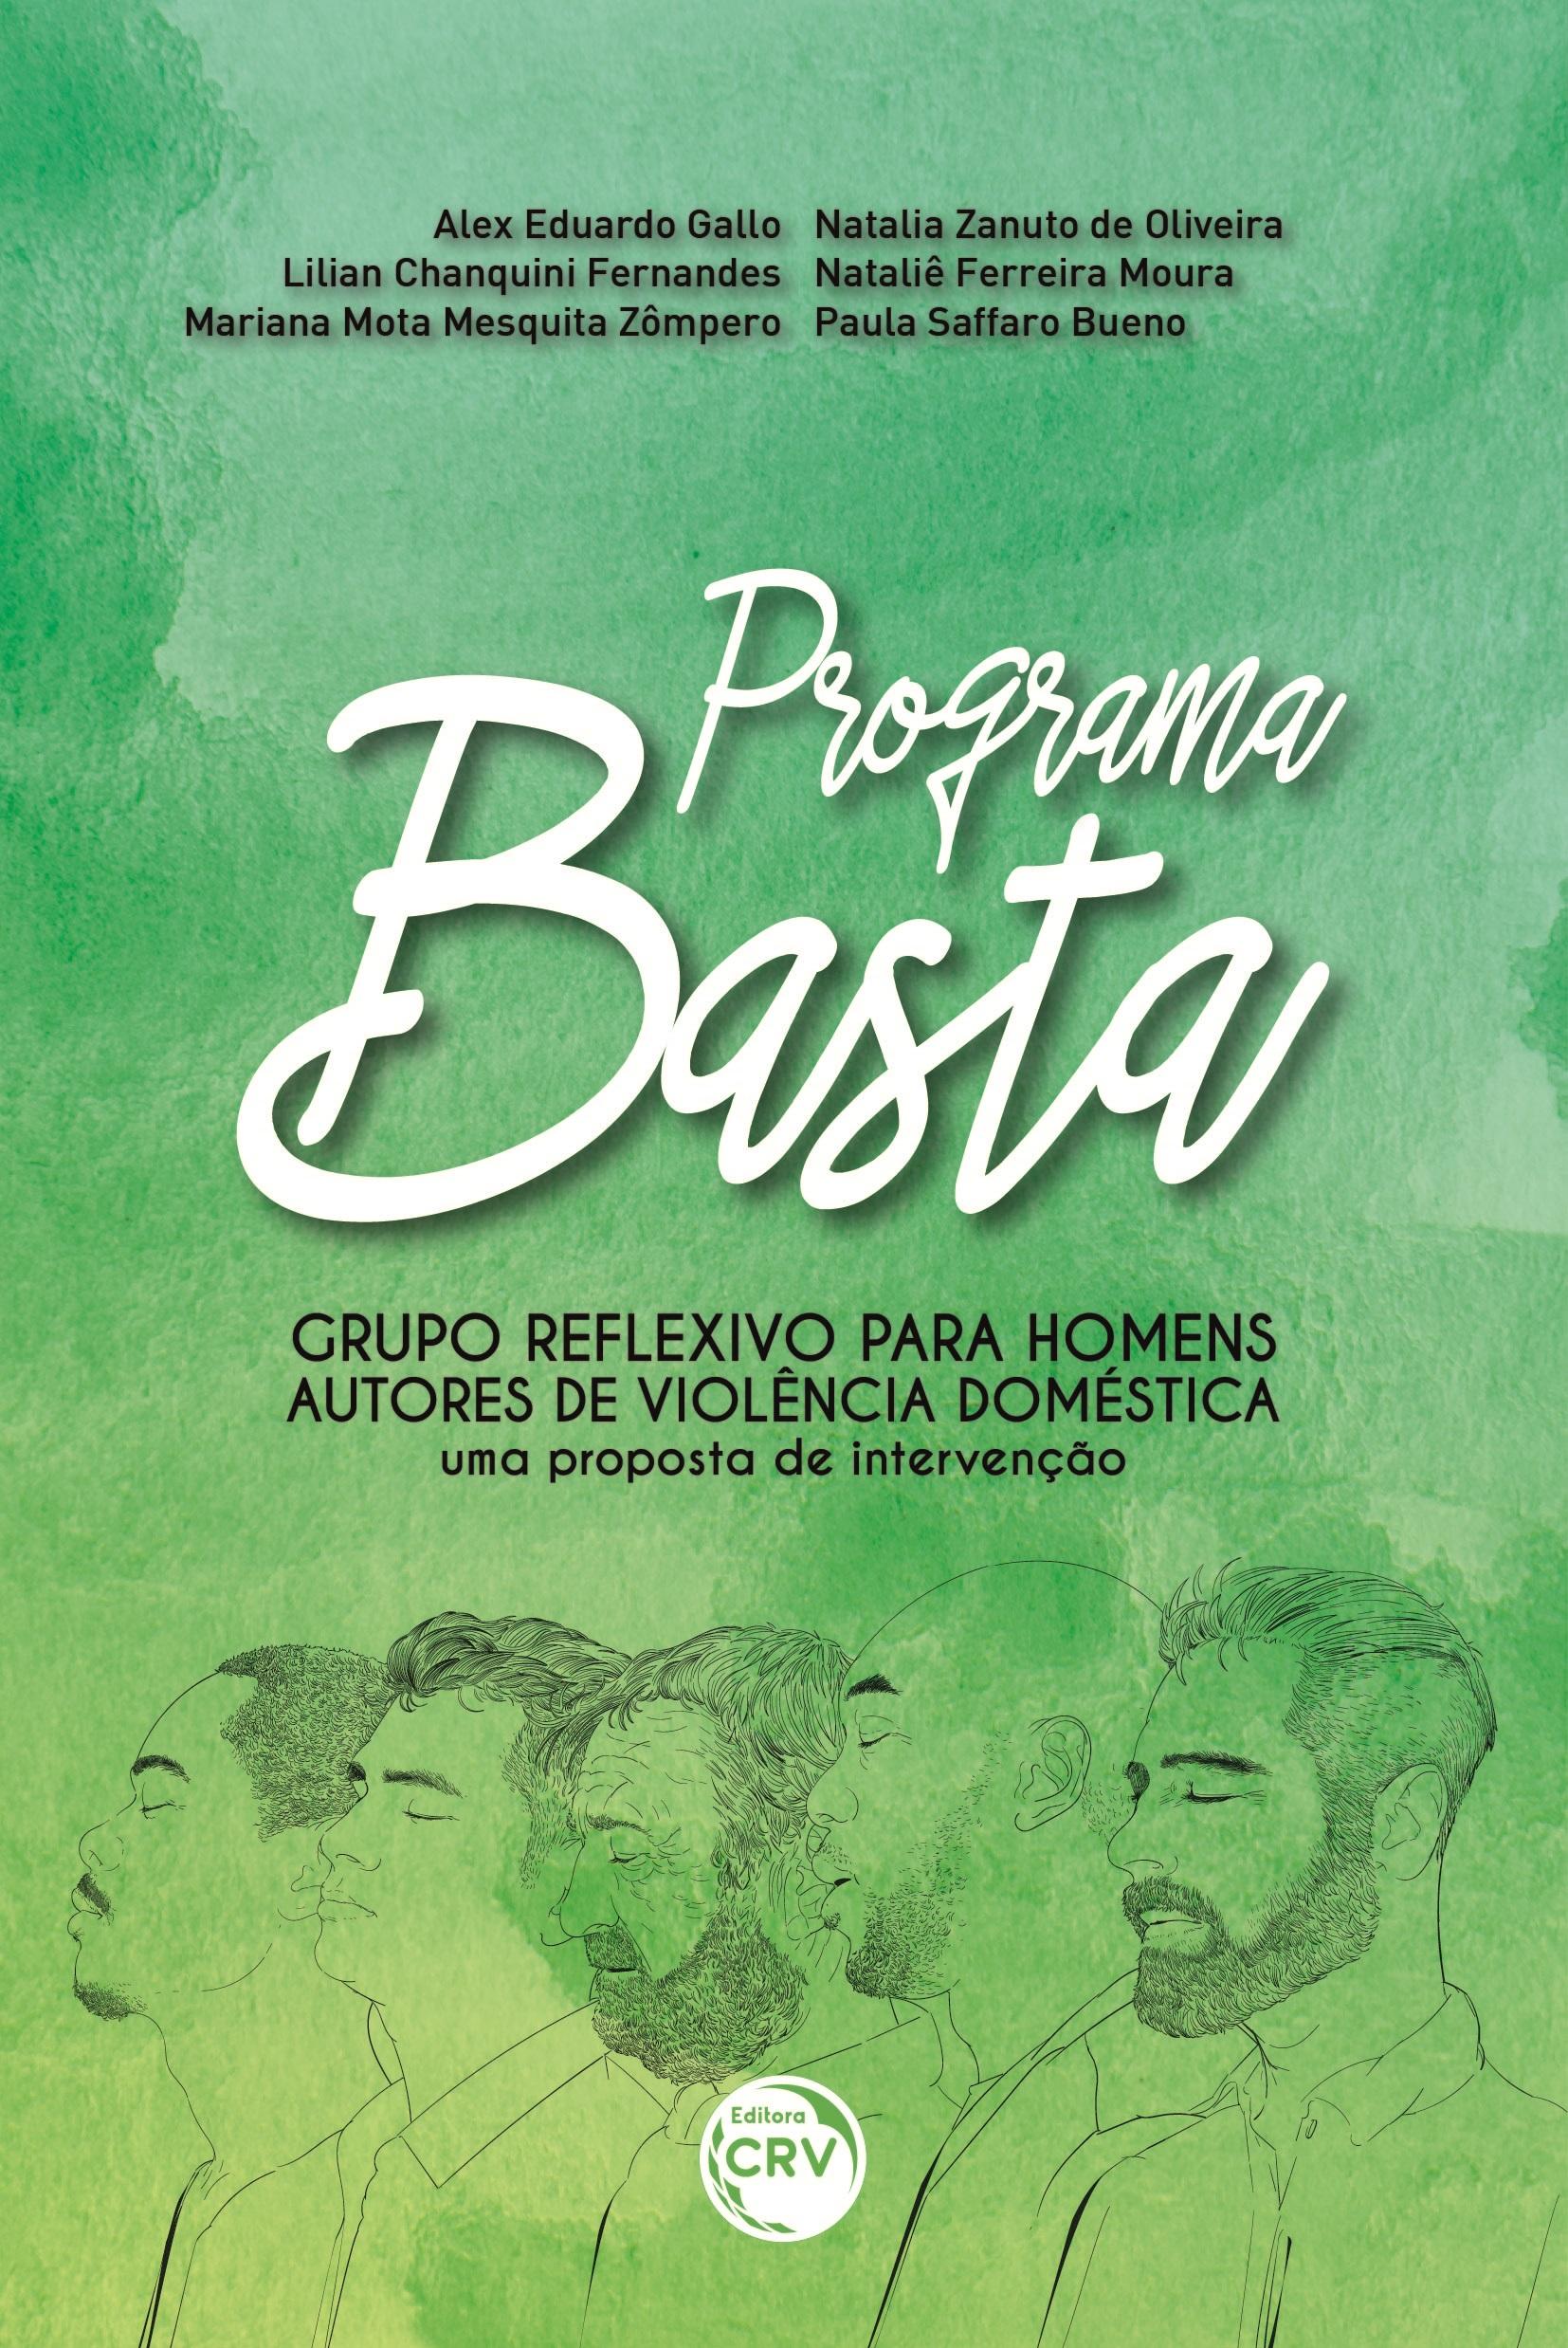 Capa do livro: PROGRAMA BASTA – GRUPO REFLEXIVO PARA HOMENS AUTORES DE VIOLÊNCIA DOMÉSTICA:  <br>uma proposta de intervenção